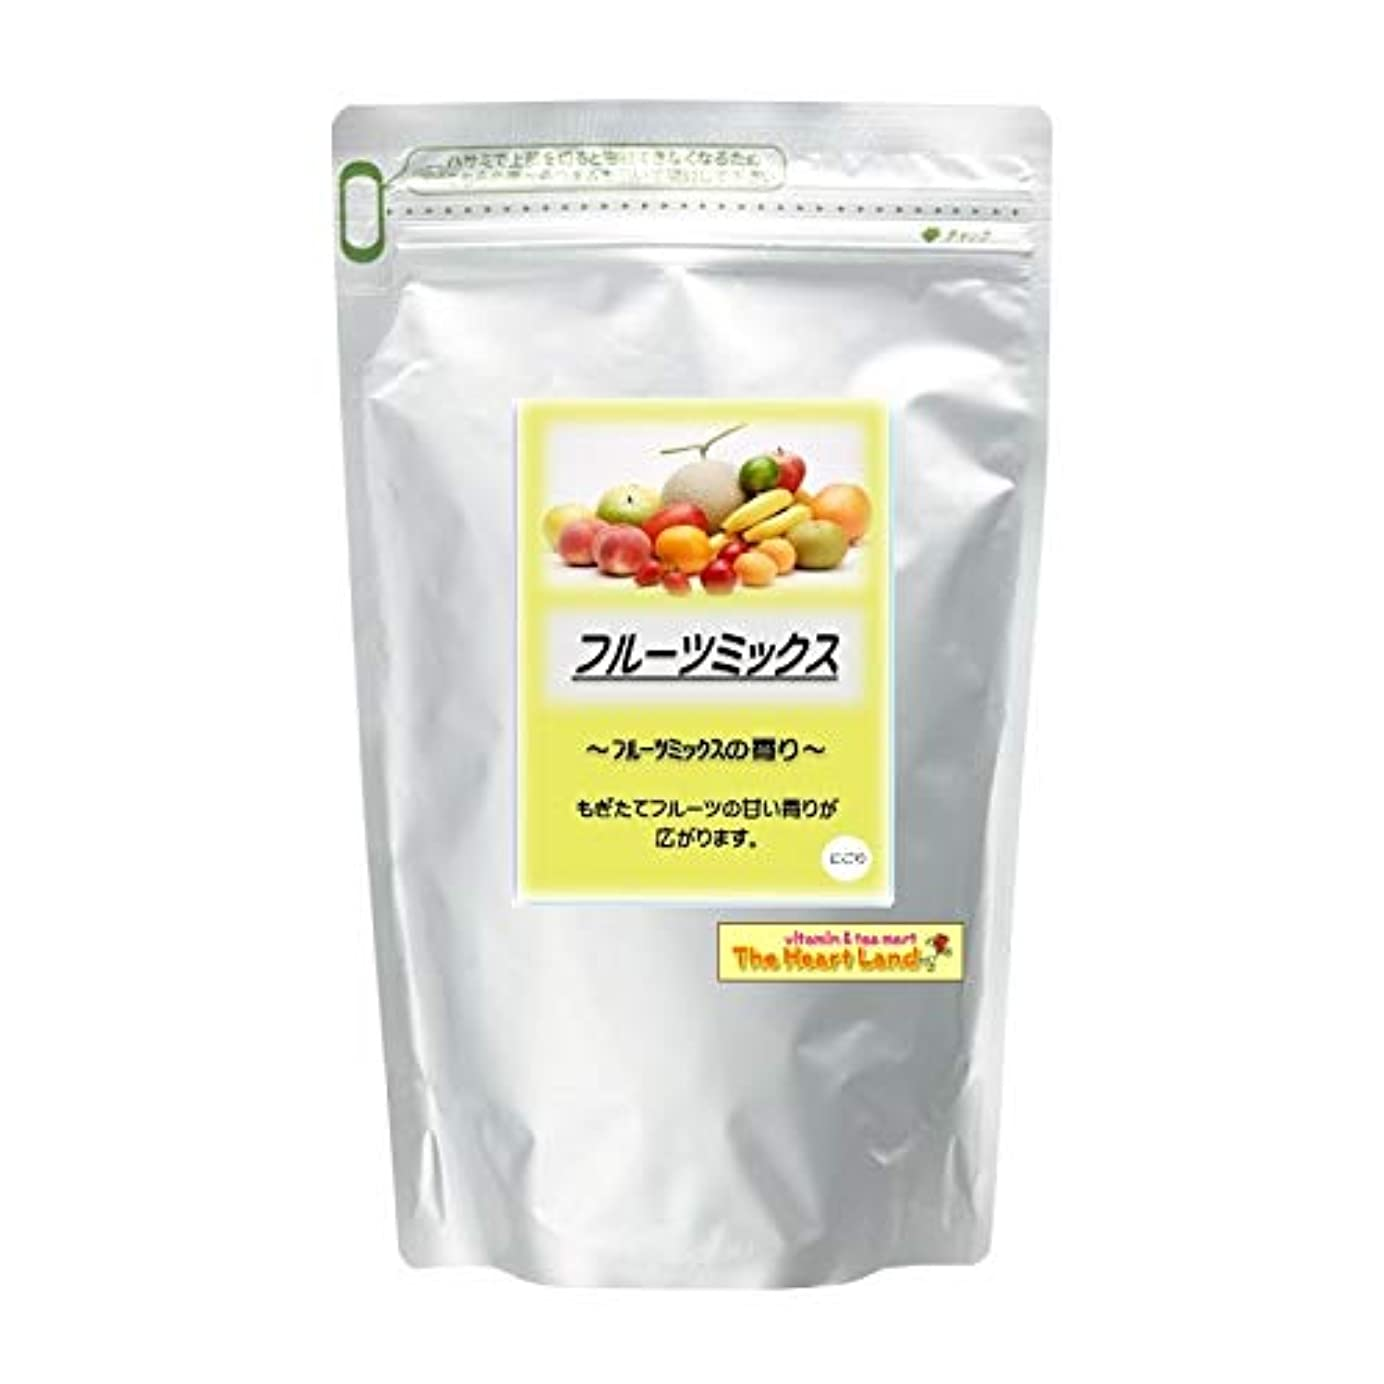 調査ウィザードゆるいアサヒ入浴剤 浴用入浴化粧品 フルーツミックス 2.5kg